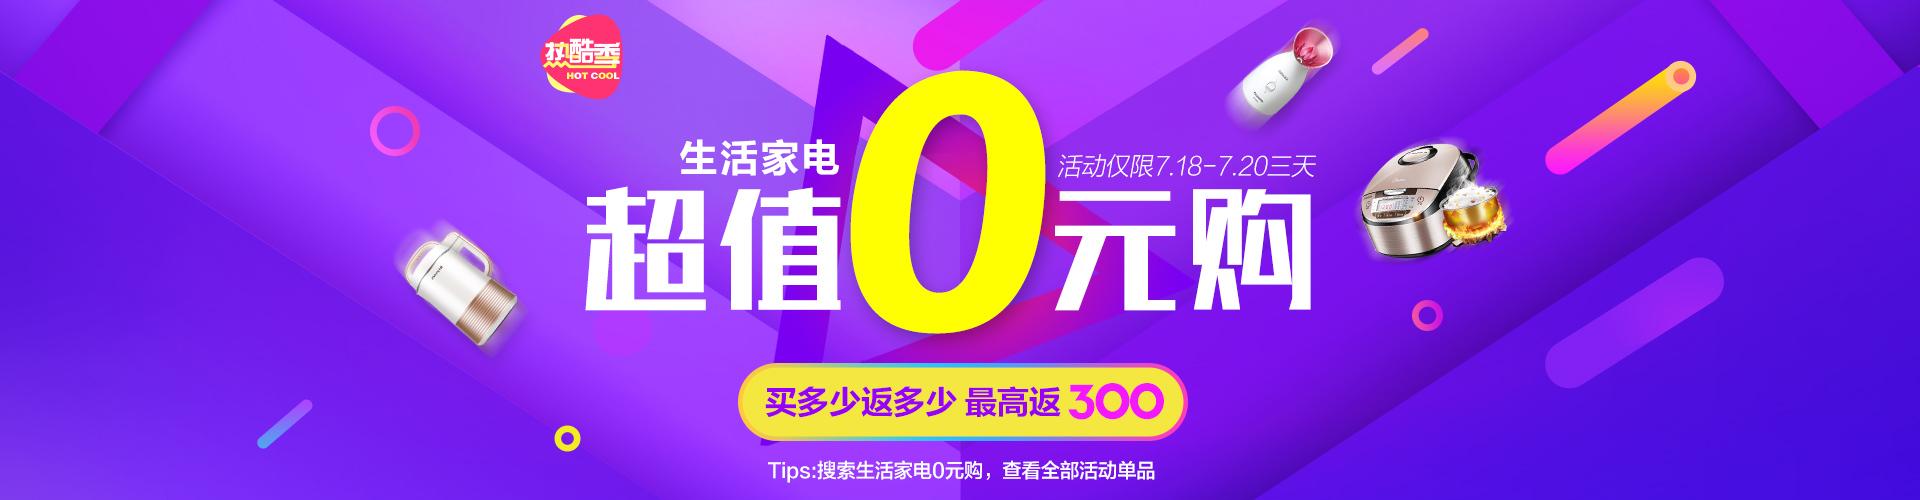 [苏宁易购]热酷季超值0元购等活动 - Luck4ever.Net